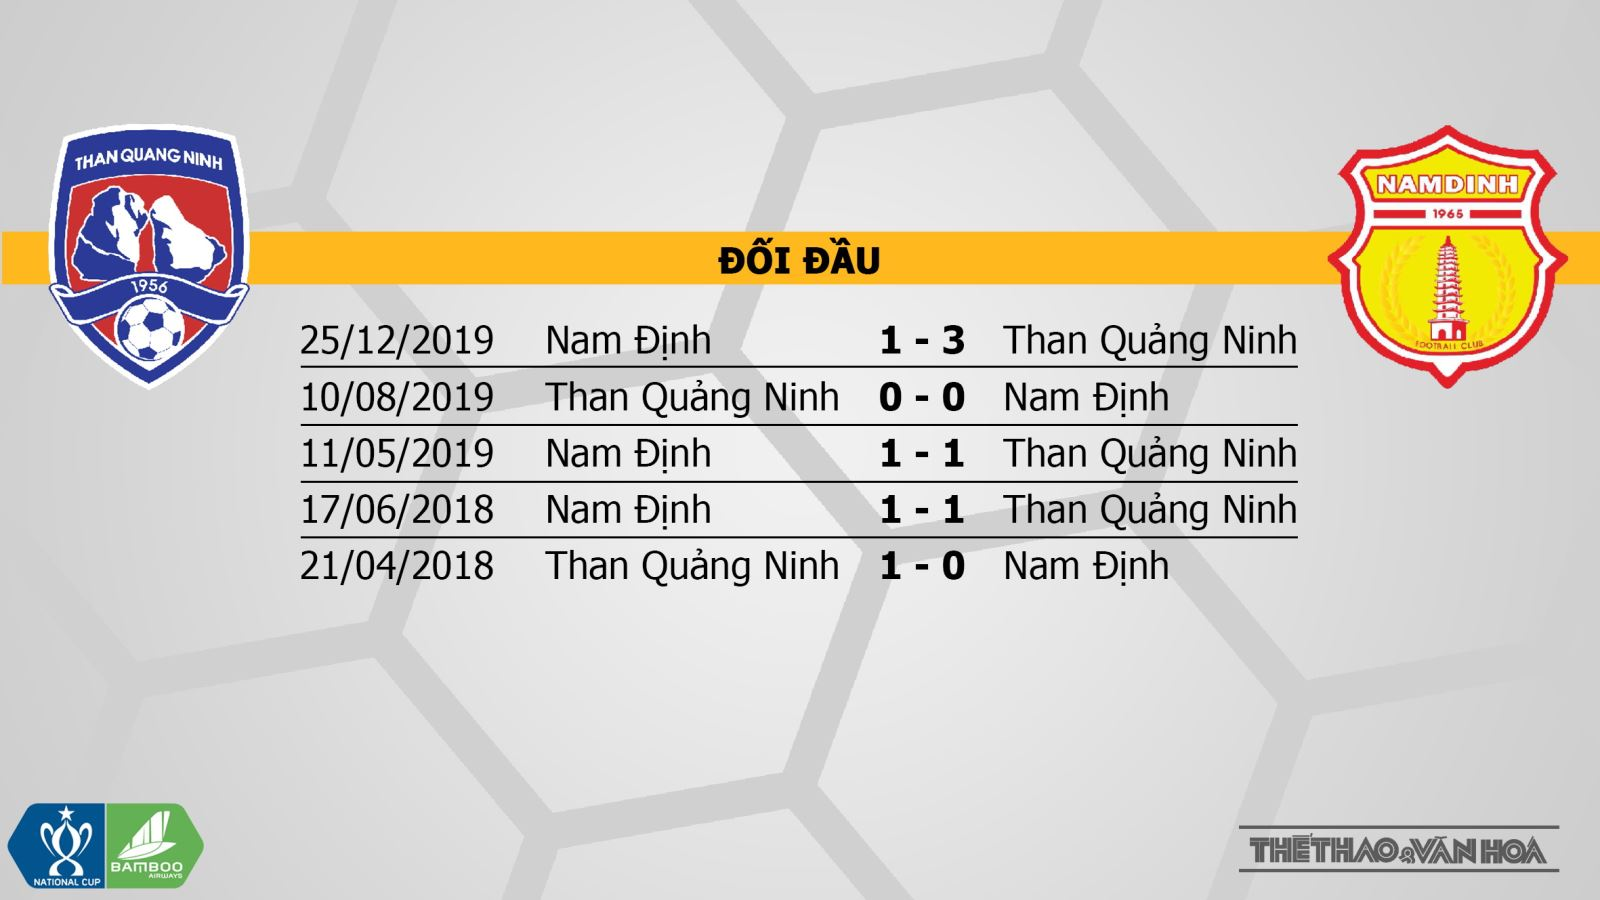 keo nha cai, kèo nhà cái, Than Quảng Ninh đấu với Nam Định, TTTV, truc tiep bong da hôm nay, bóng đá Việt Nam, lịch thi đấu Cúp quốc gia, Than Quảng Ninh vs Nam Định